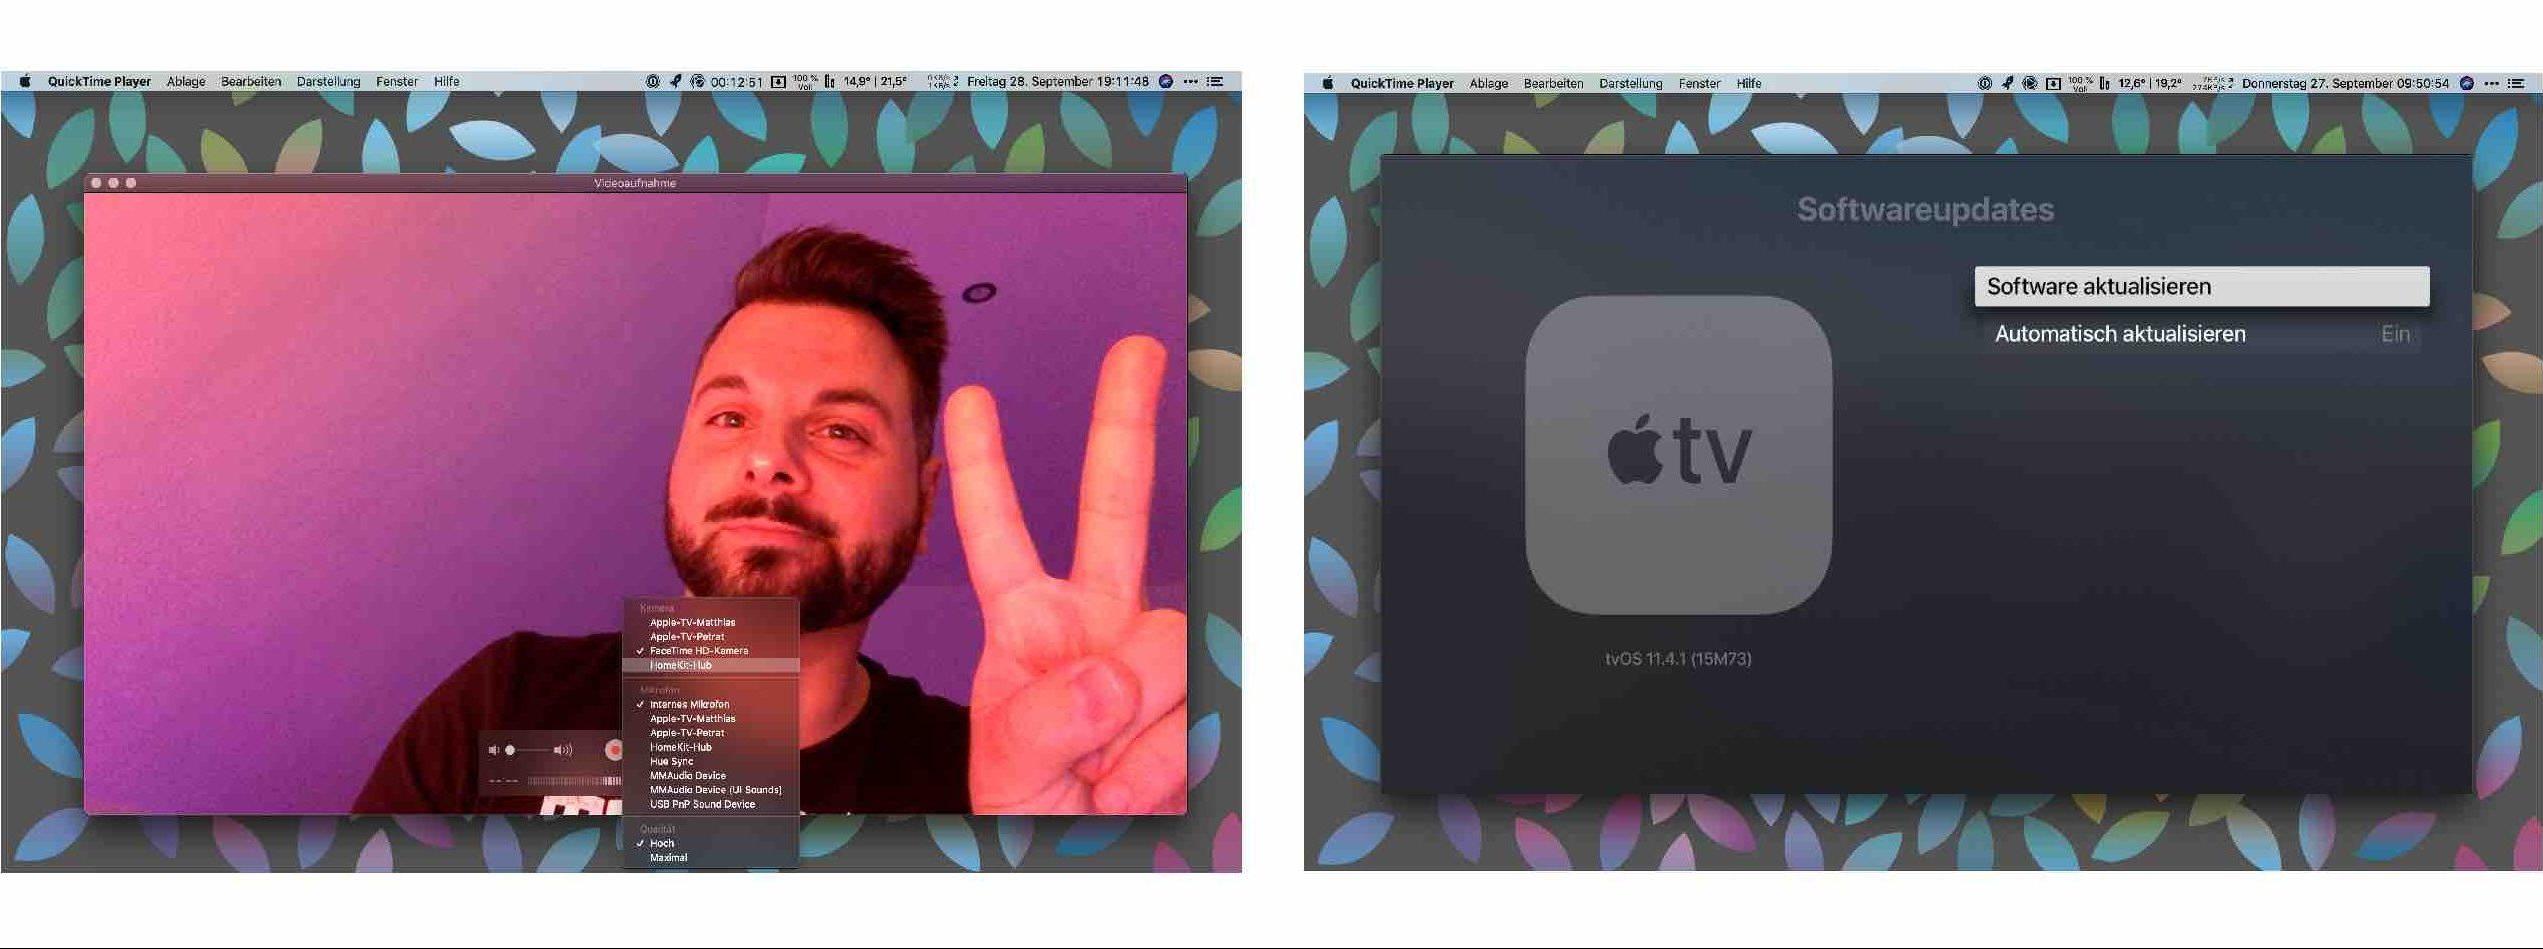 Apple_TV_Remote_iOS2-e1541855462228 Tipp: So nimmst du den Bildschirminhalt von deinem Apple TV auf